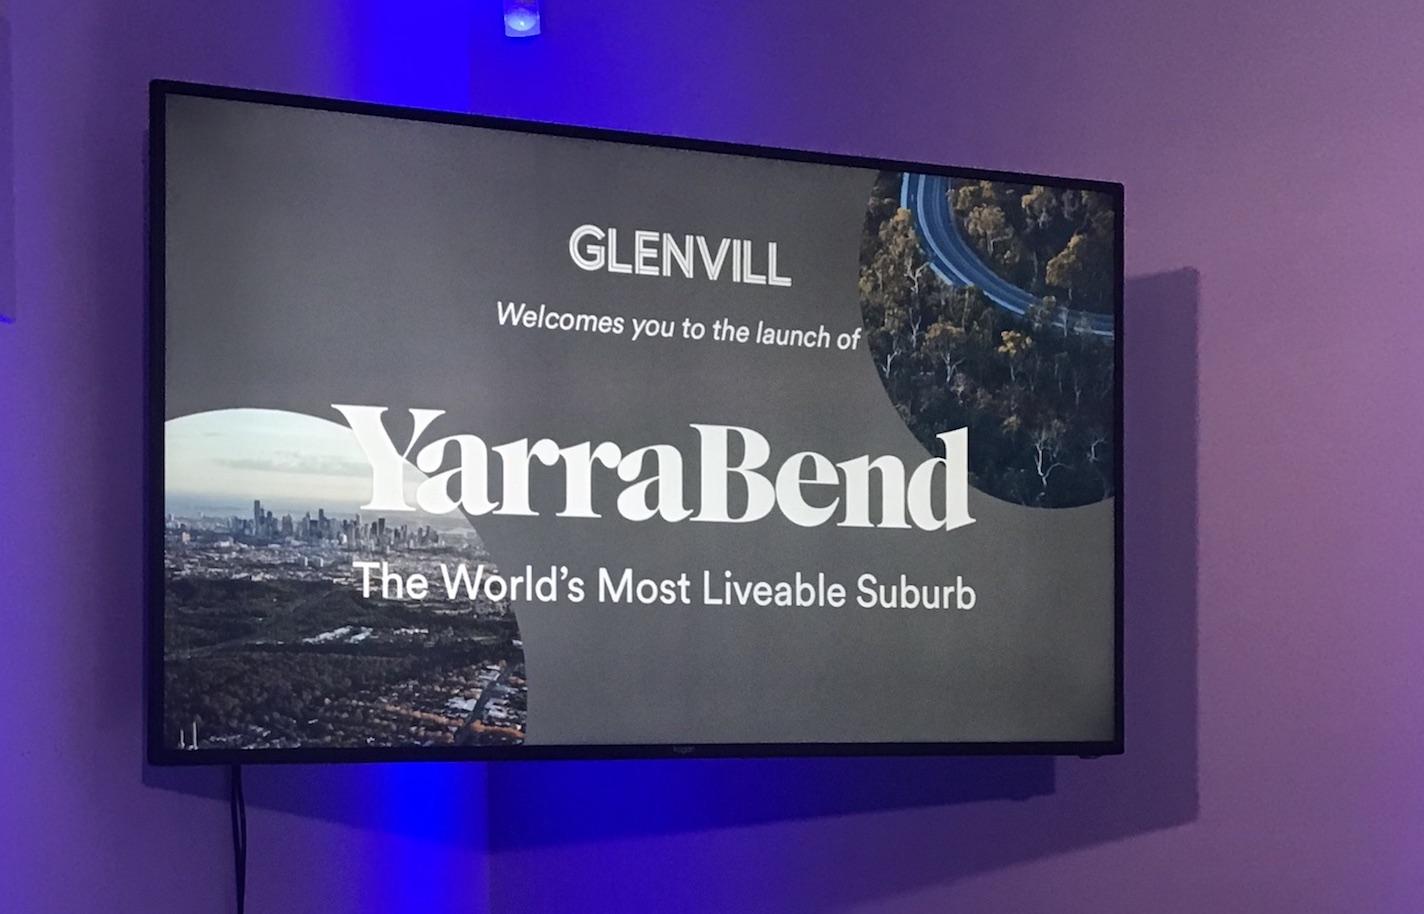 YarraBend by Glenvill